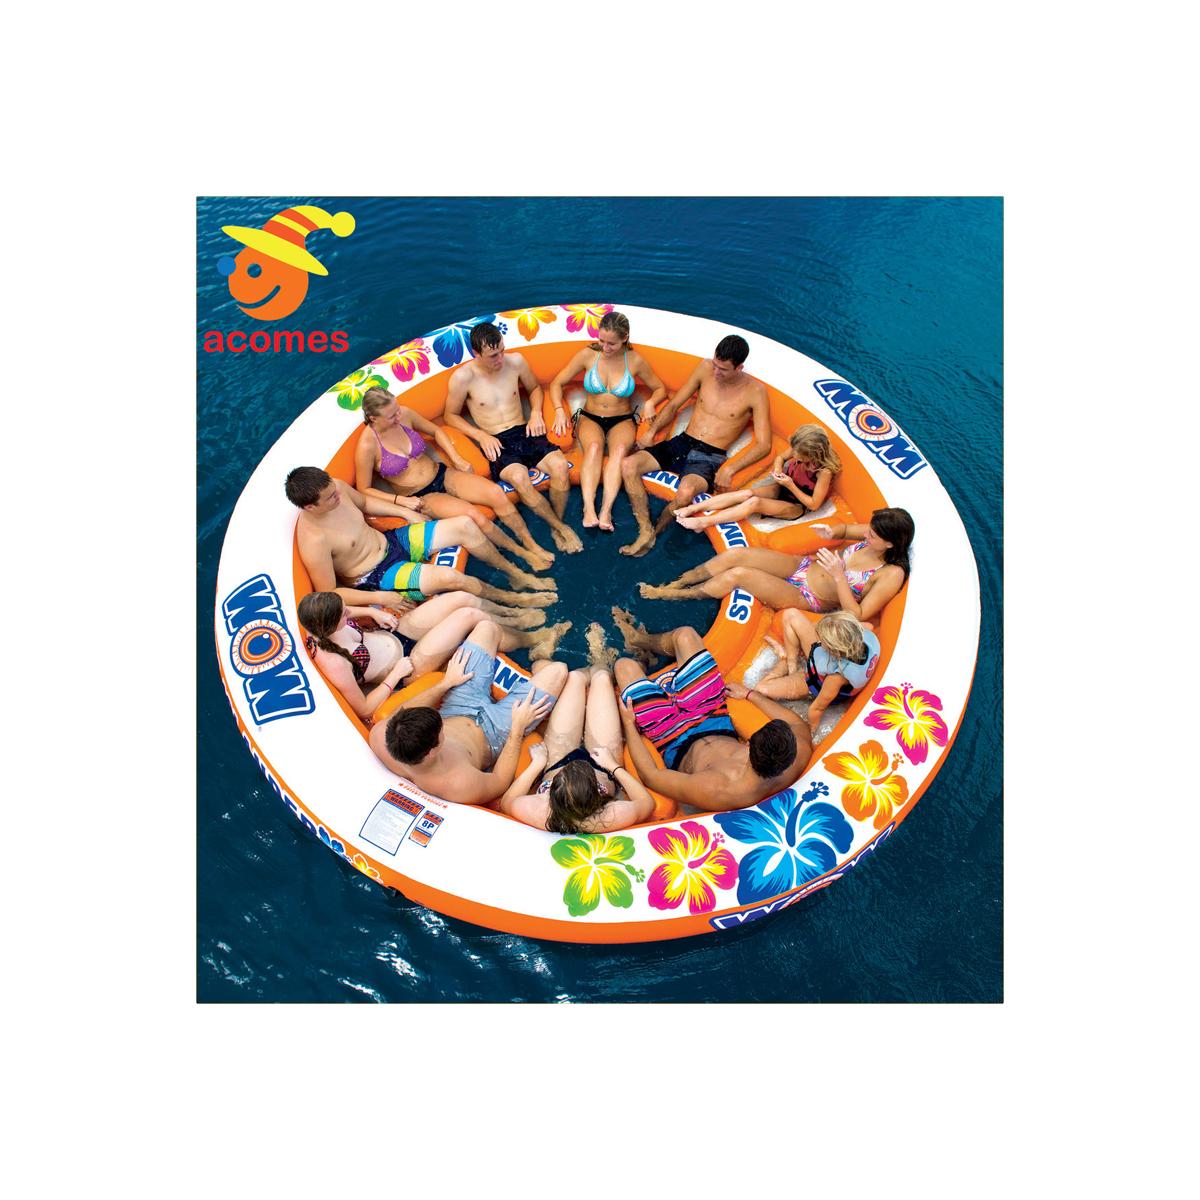 12人用 大型 おもしろい 浮き輪 うきわ 複数 家族 友達 グループ ペア 大きい ボート フロート パーティ グッズ スタジタムアイランダーラウンジ インスタ